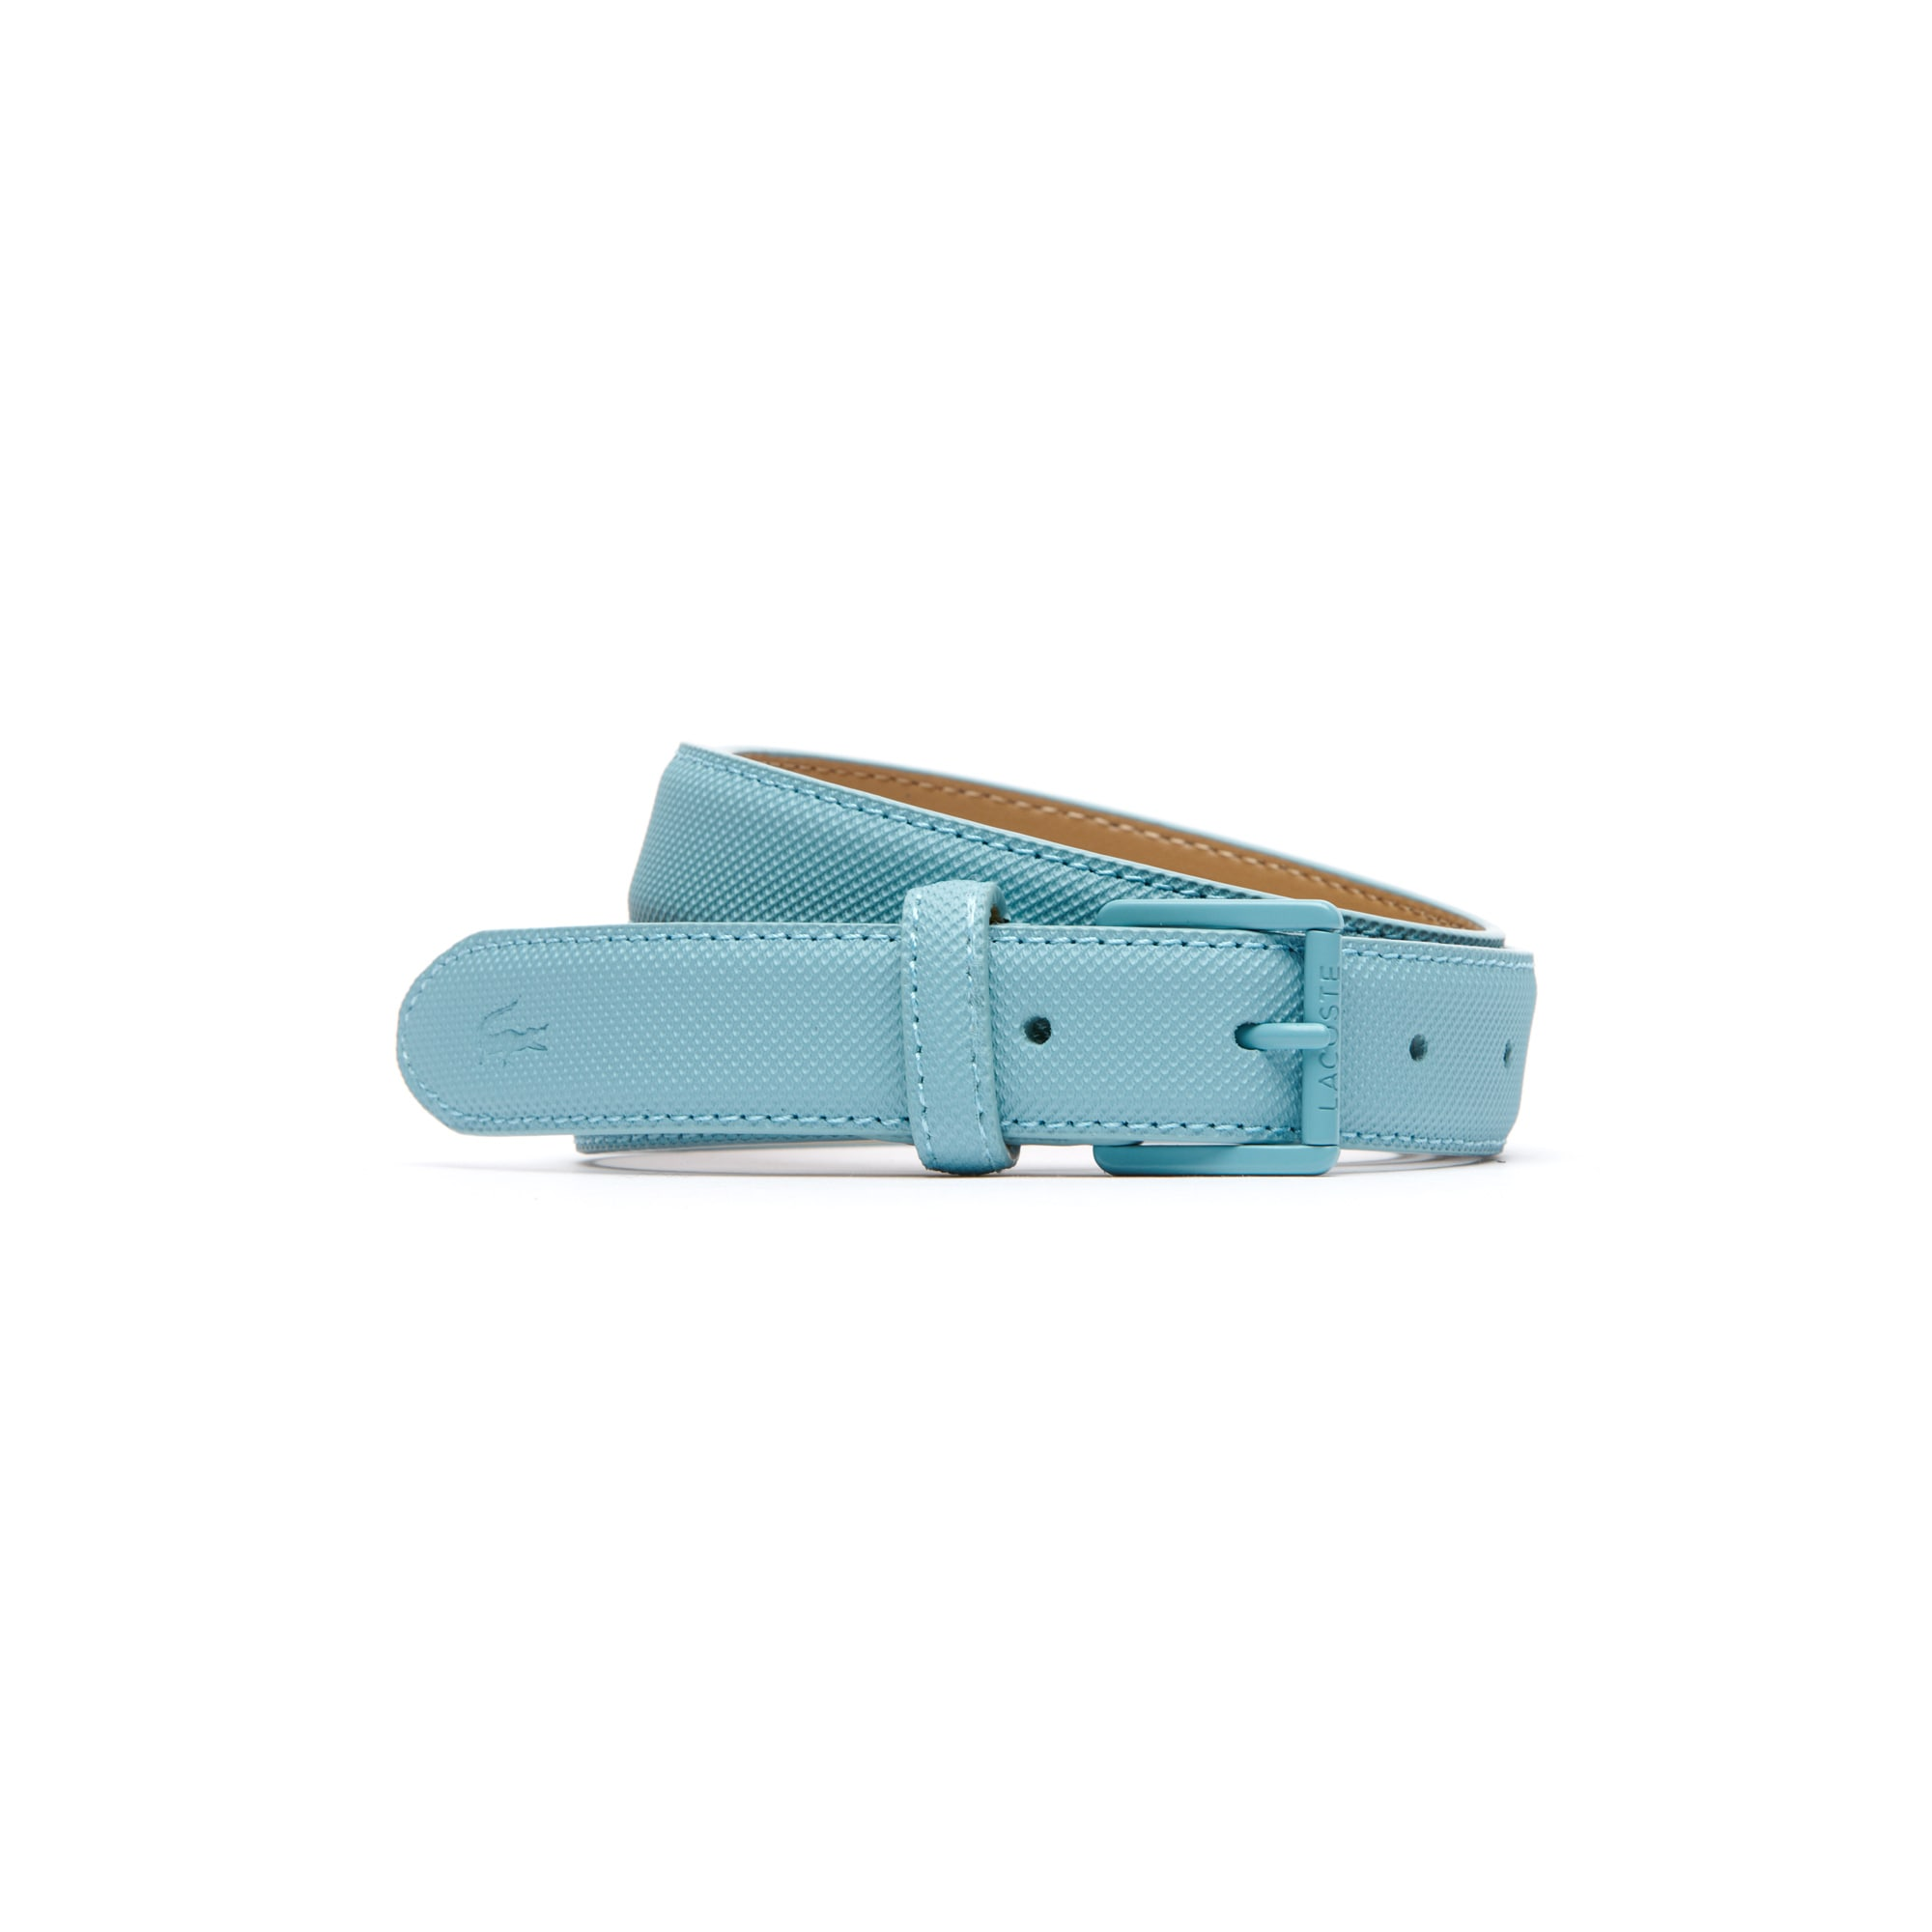 L.12.12 Concept piqué texture belt